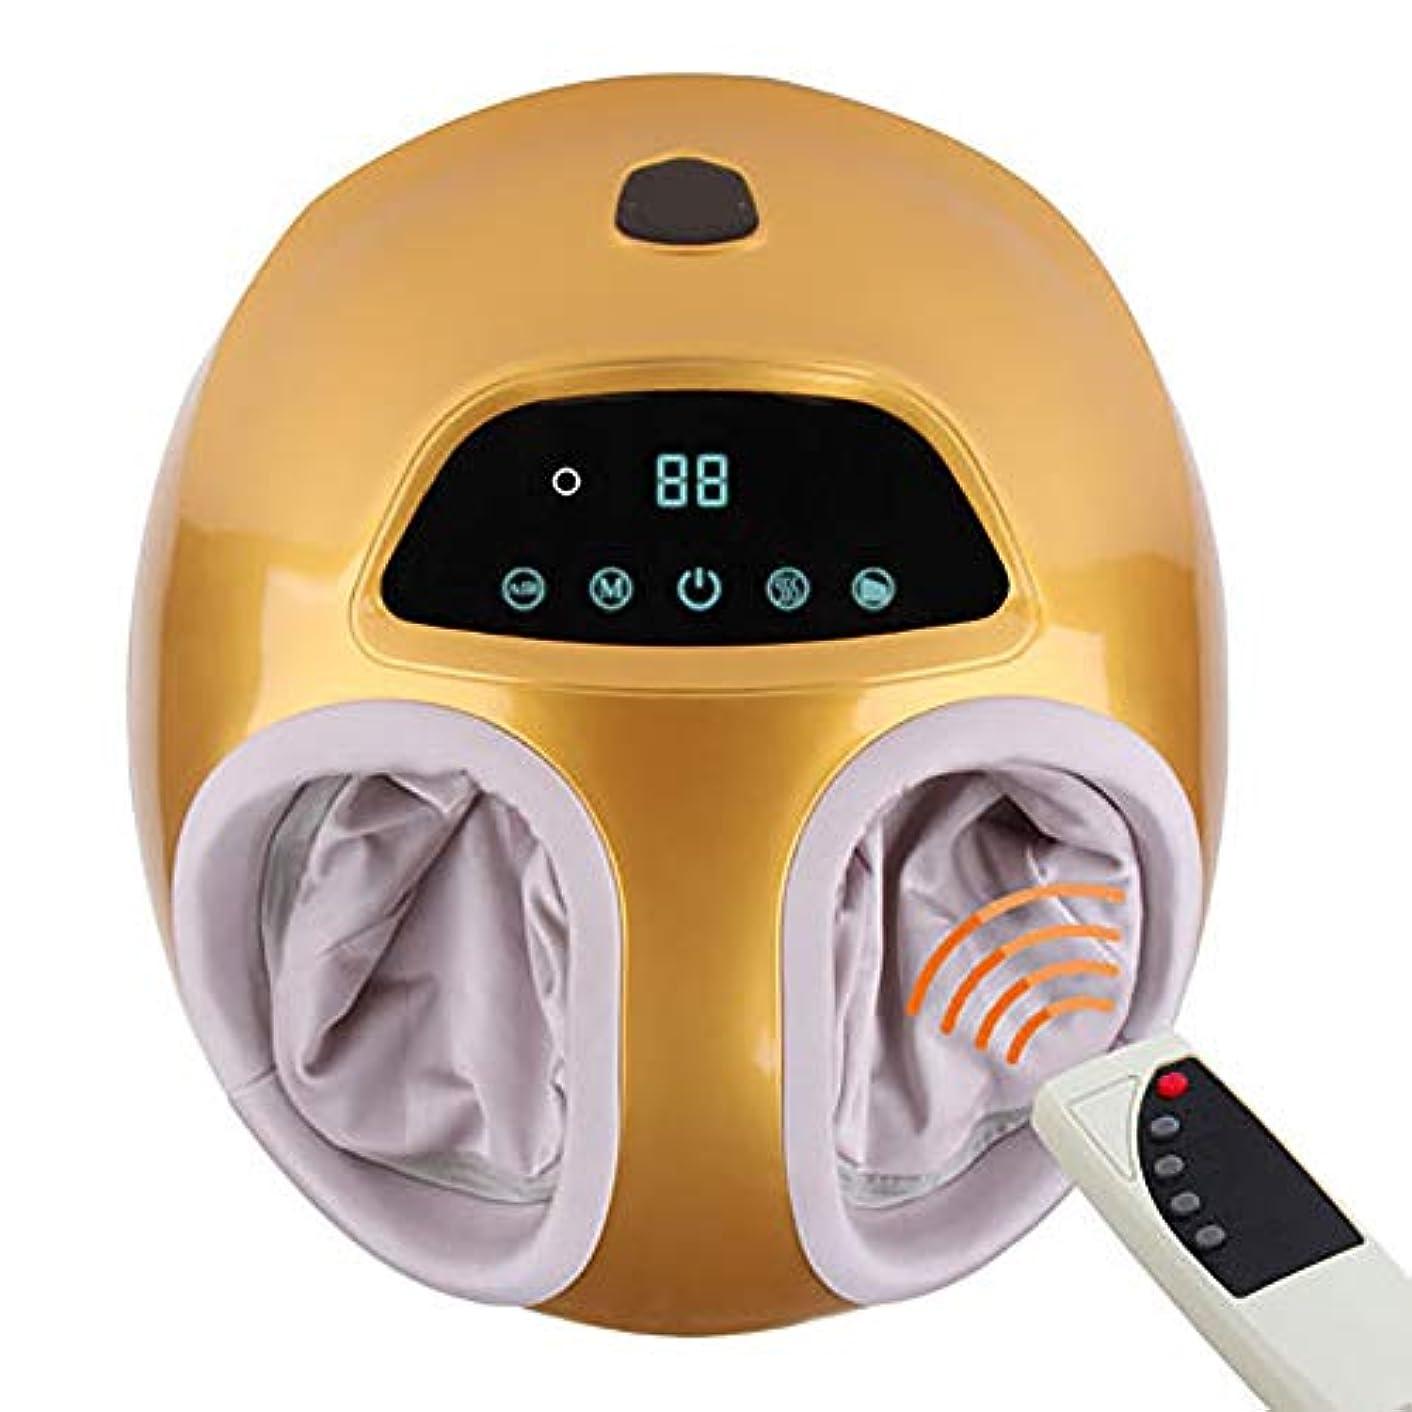 化学怠惰に対処する電気足マッサージ機加熱混練ローリングエアコンプレッサー調節可能な強度家族の健康ギフト